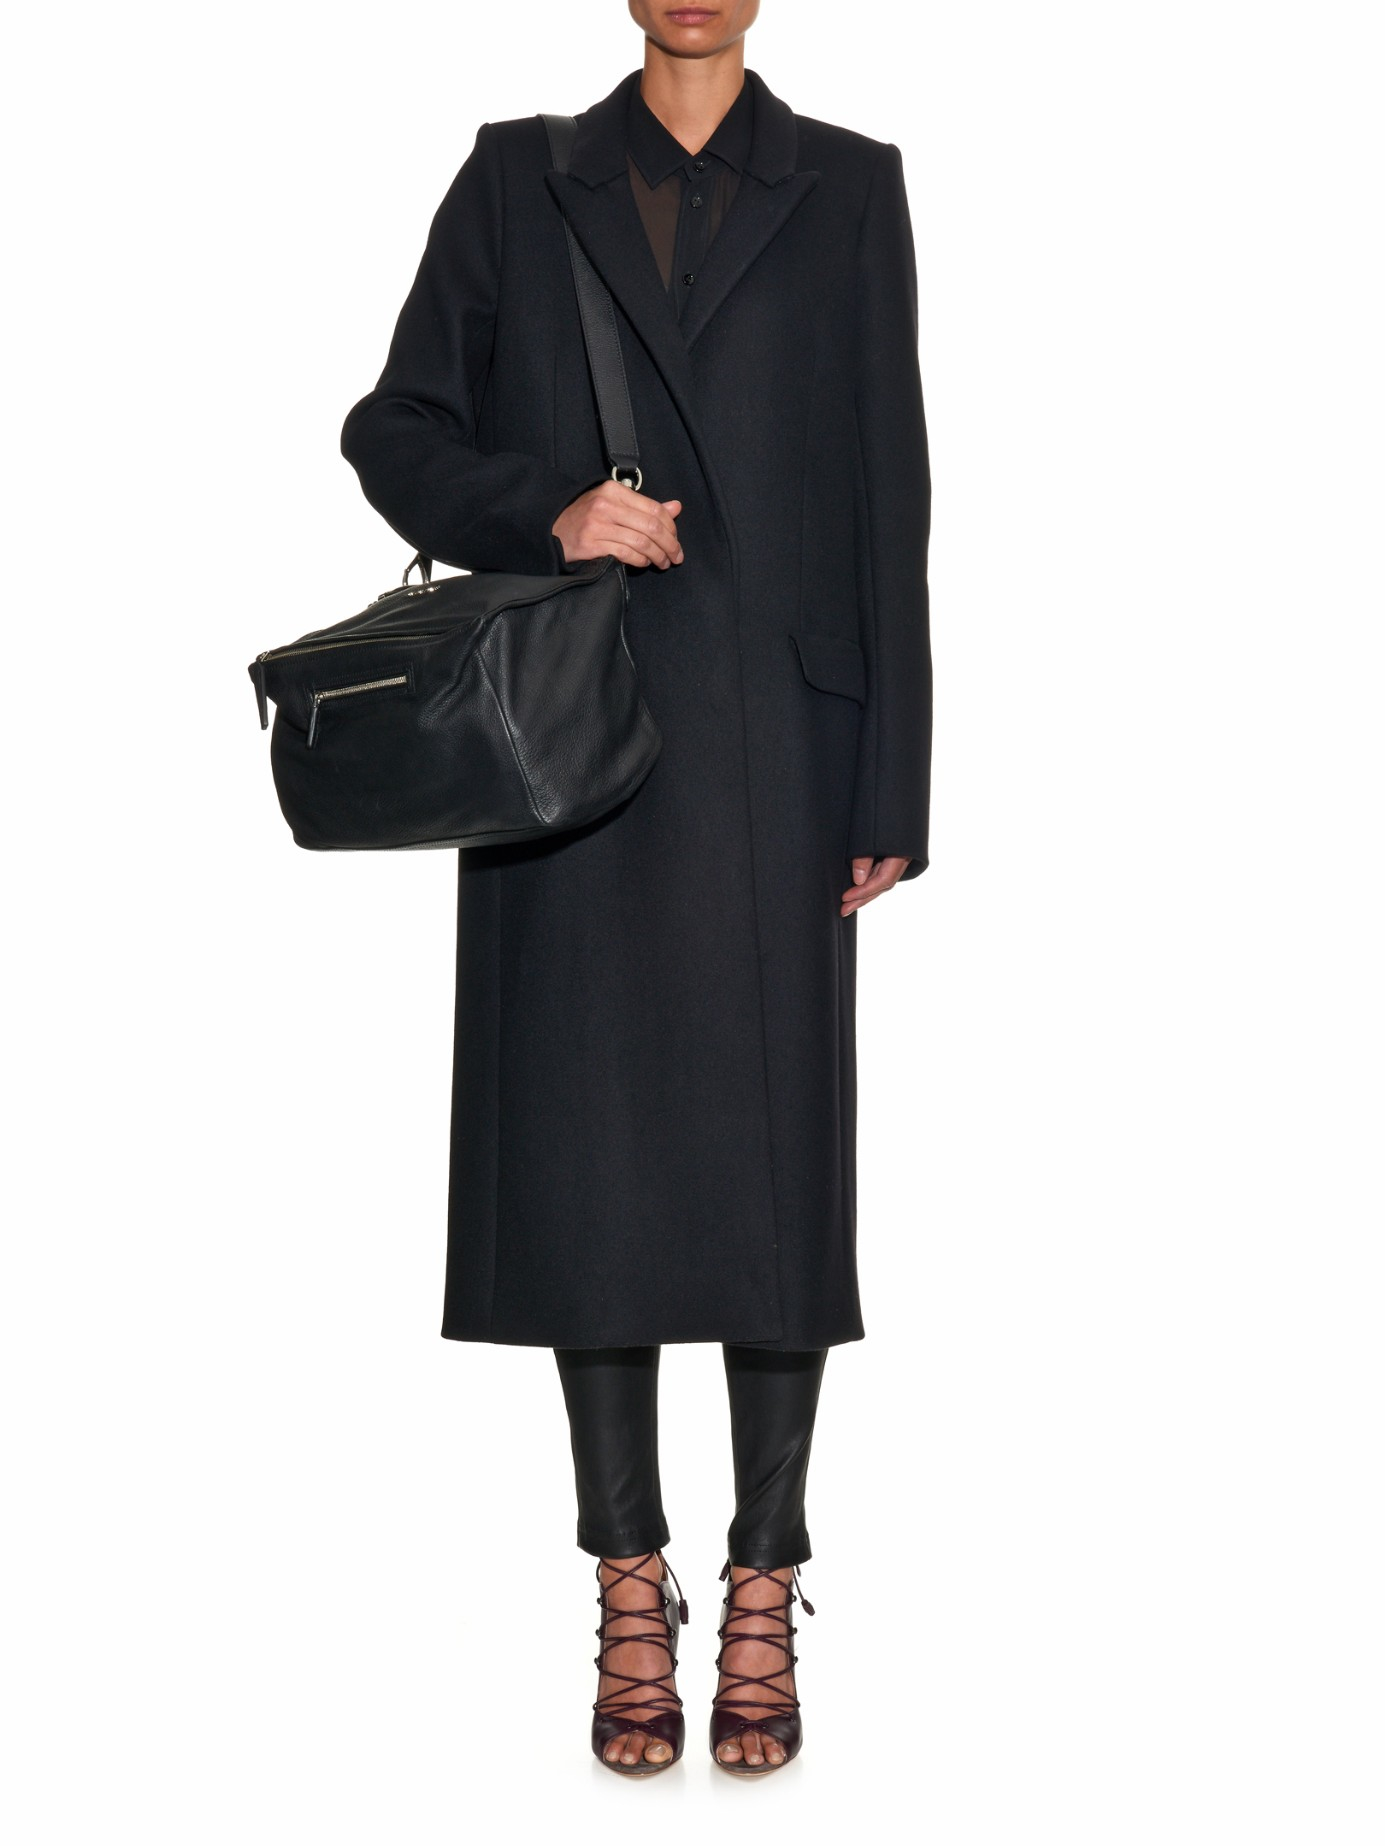 cc36725d5218 Lyst - Givenchy Pandora Medium Sugar-leather Bag in Black